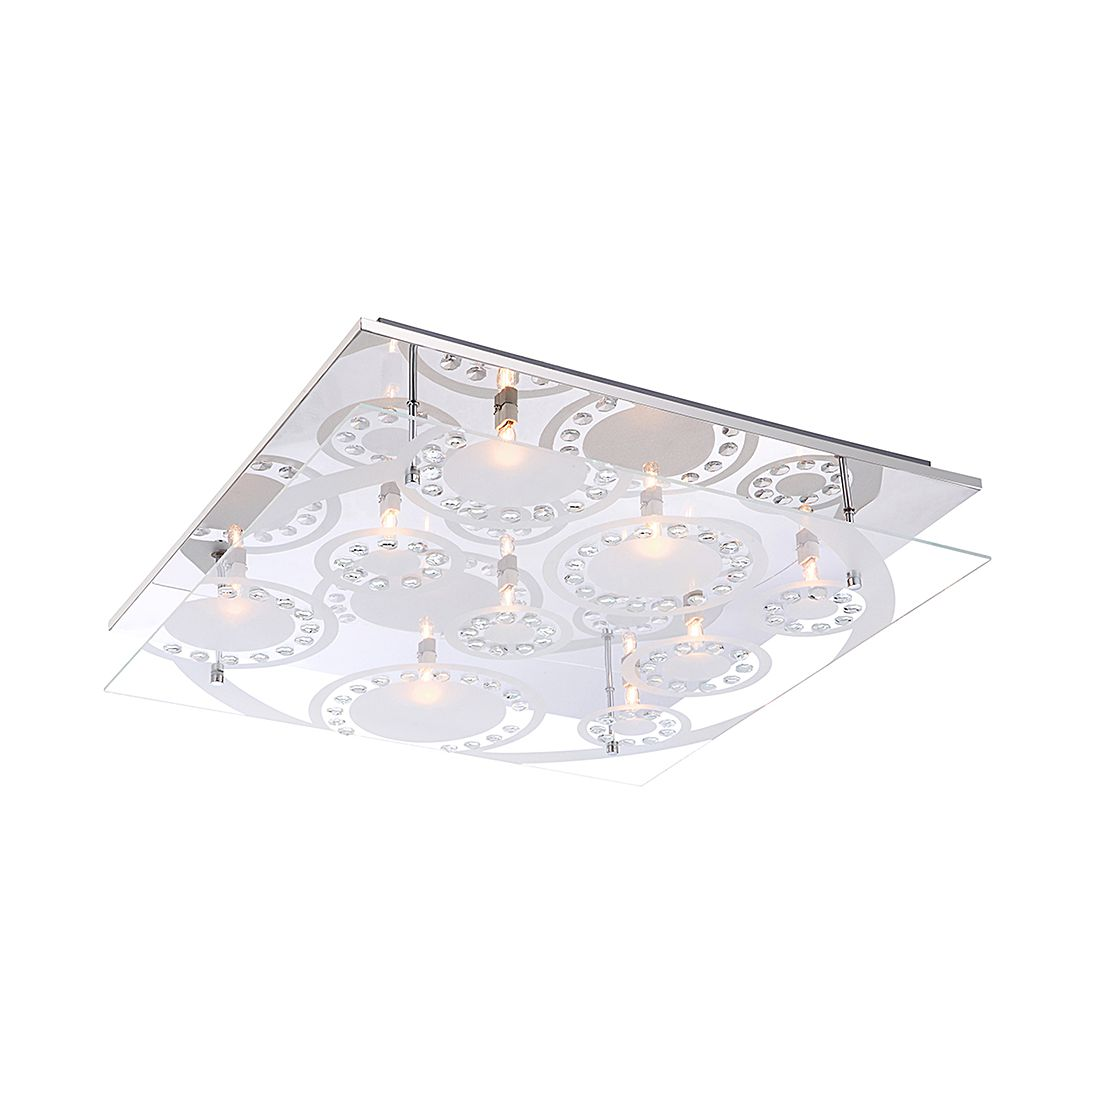 EEK A++, Deckenleuchte DIANNE I – Metall – Silber – 9-flammig, Globo Lighting günstig online kaufen